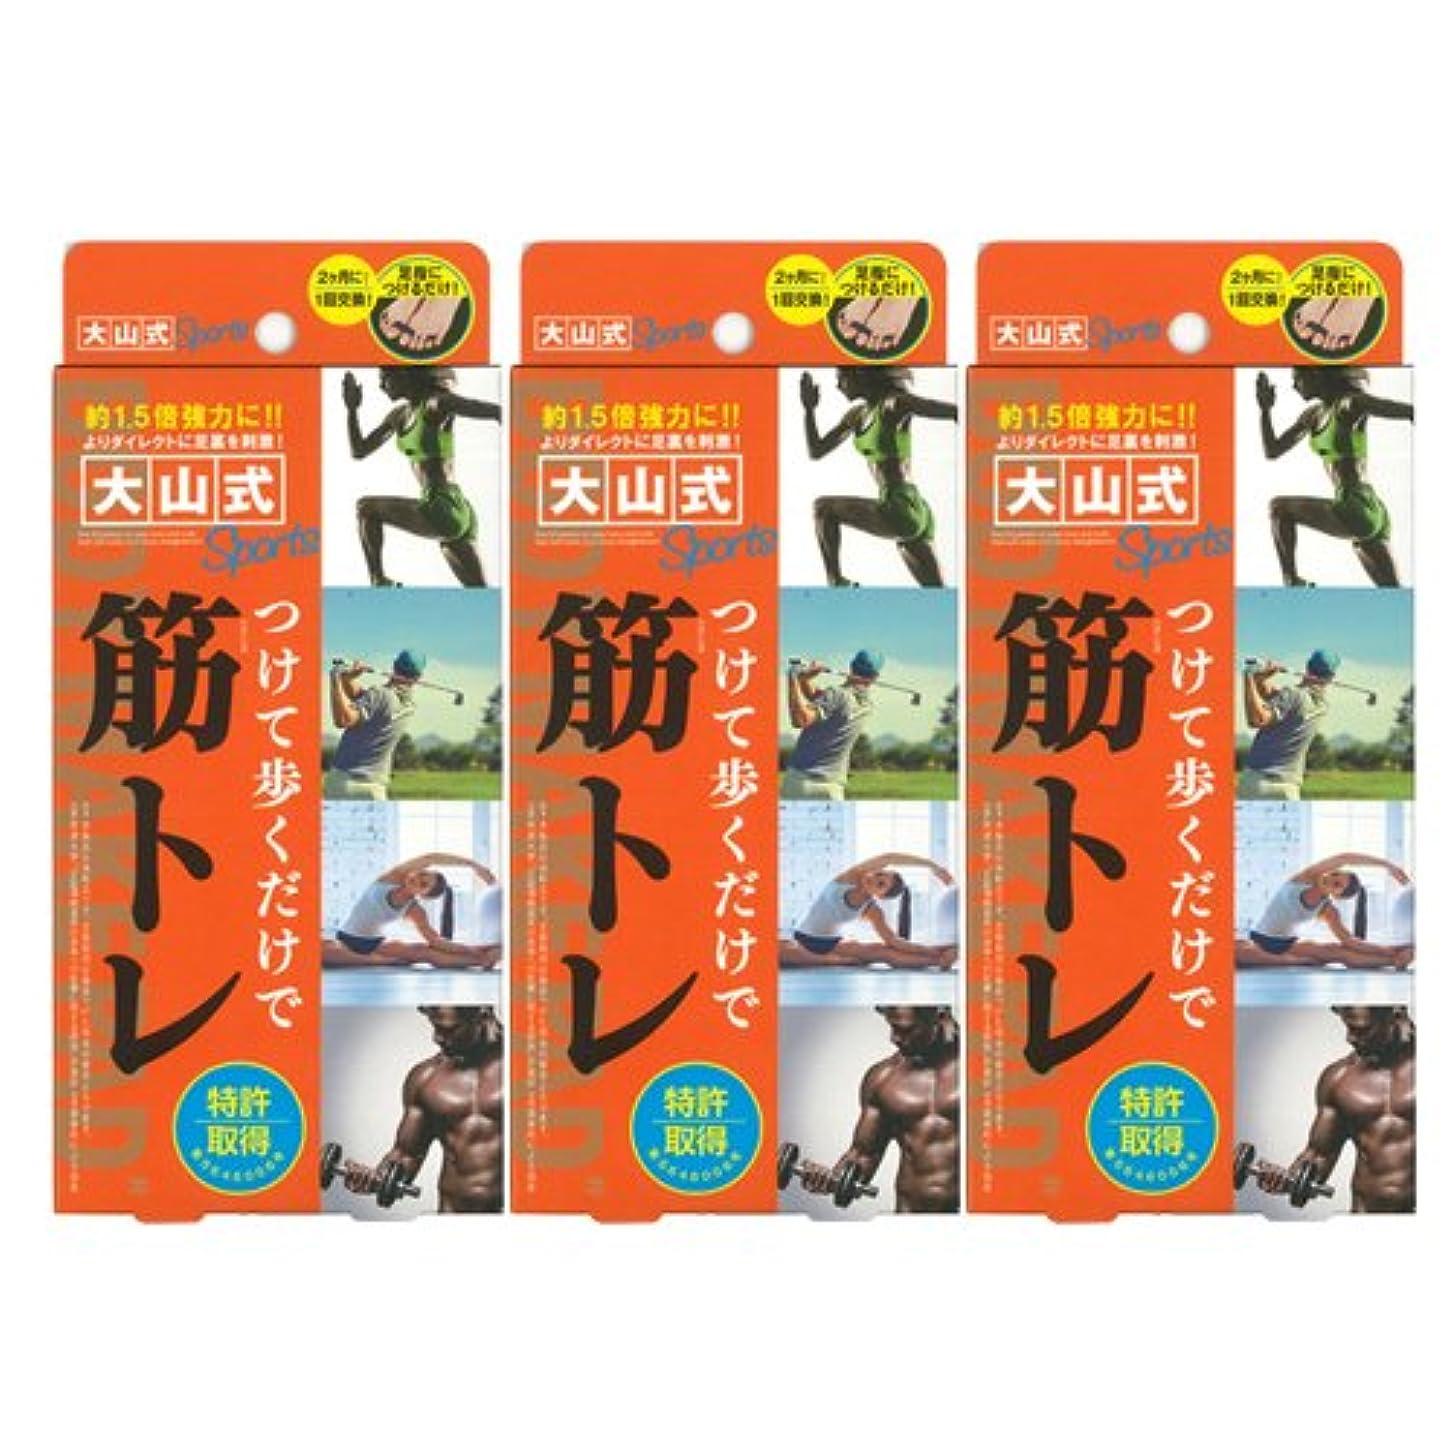 聖歌カイウス人間大山式ボディメイクパッド スポーツ ×3箱セット